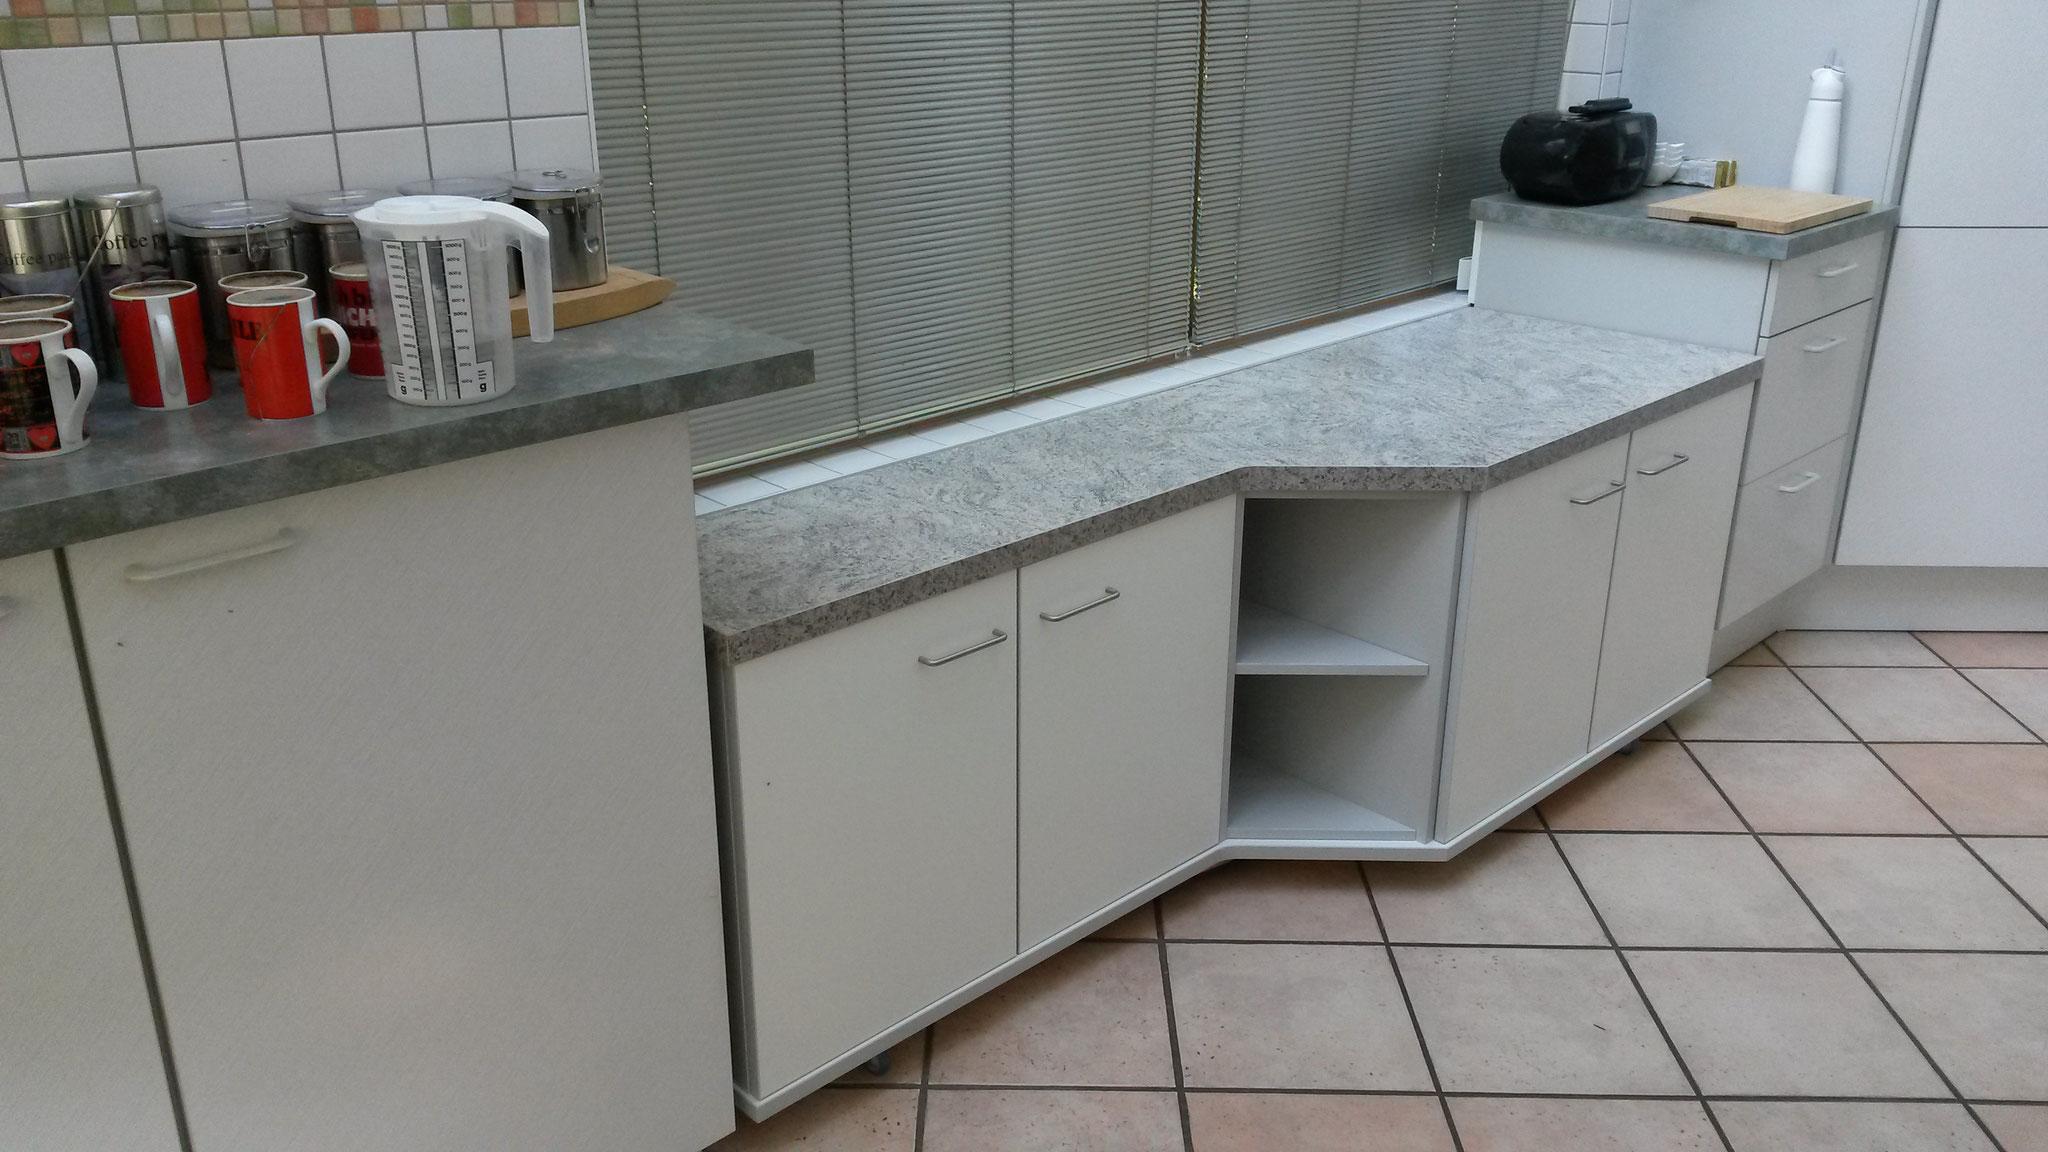 fahrbarer Schrank als Küchenergänzung